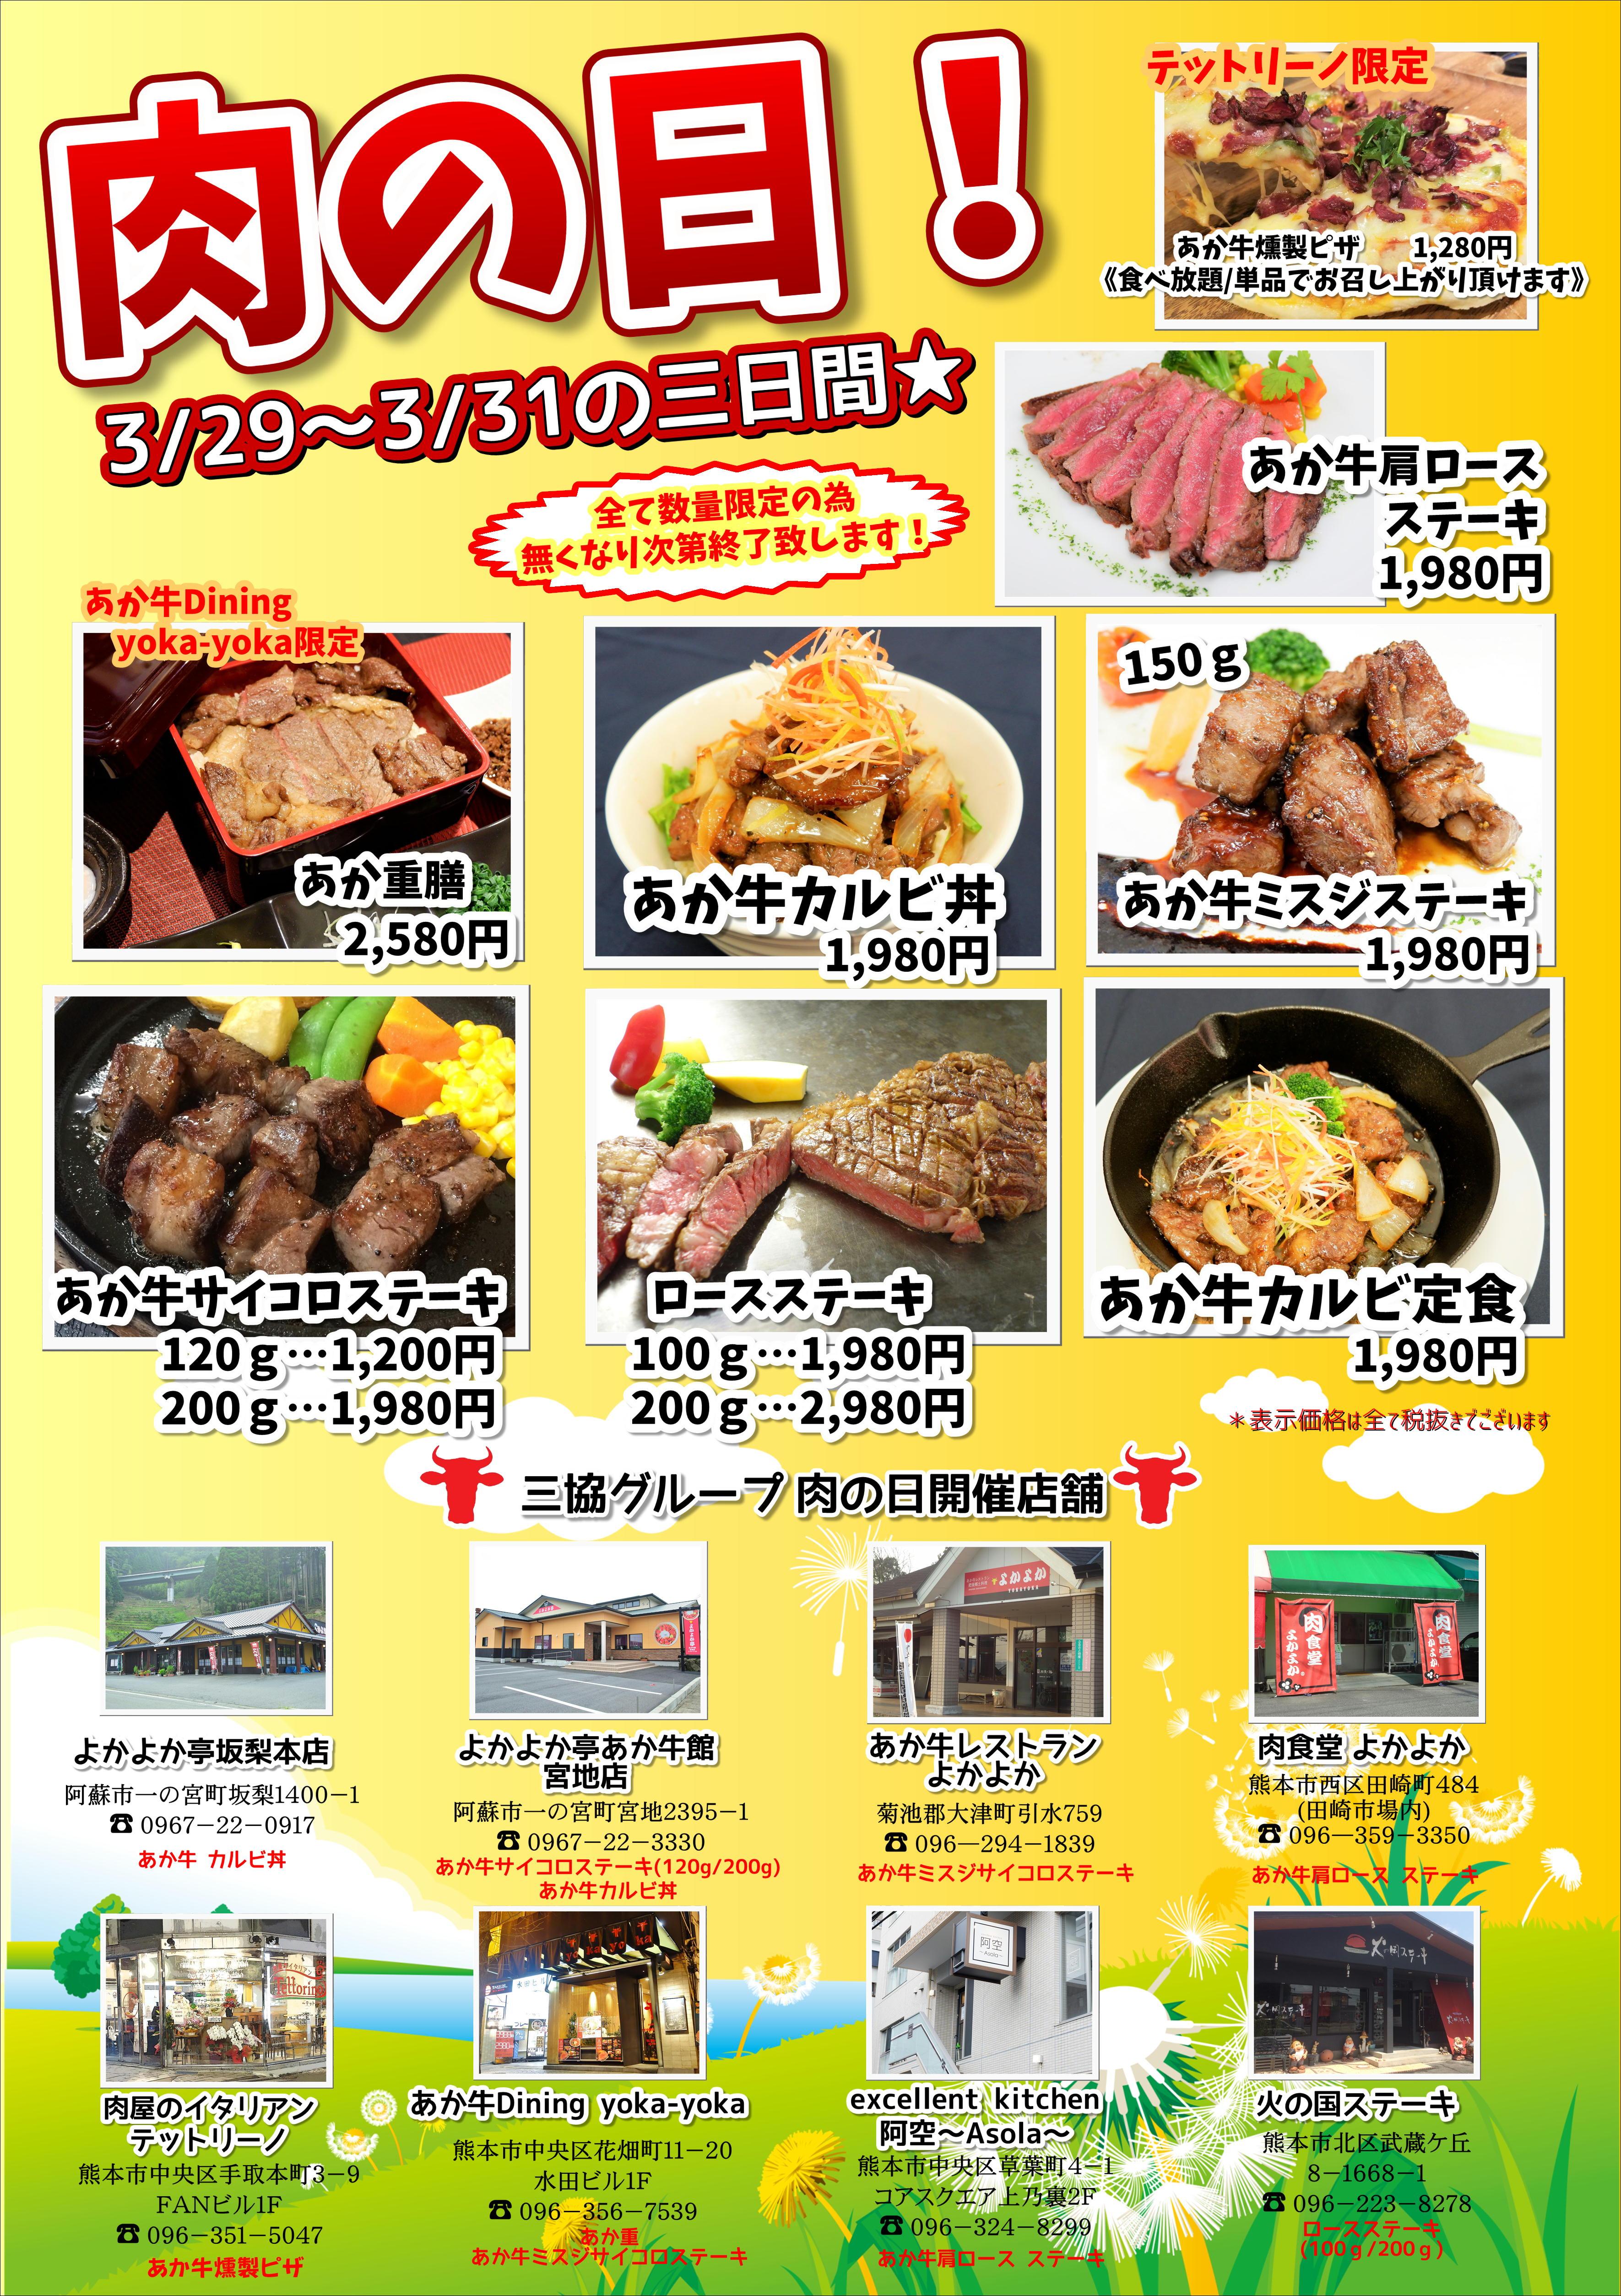 3月肉の日飲食店